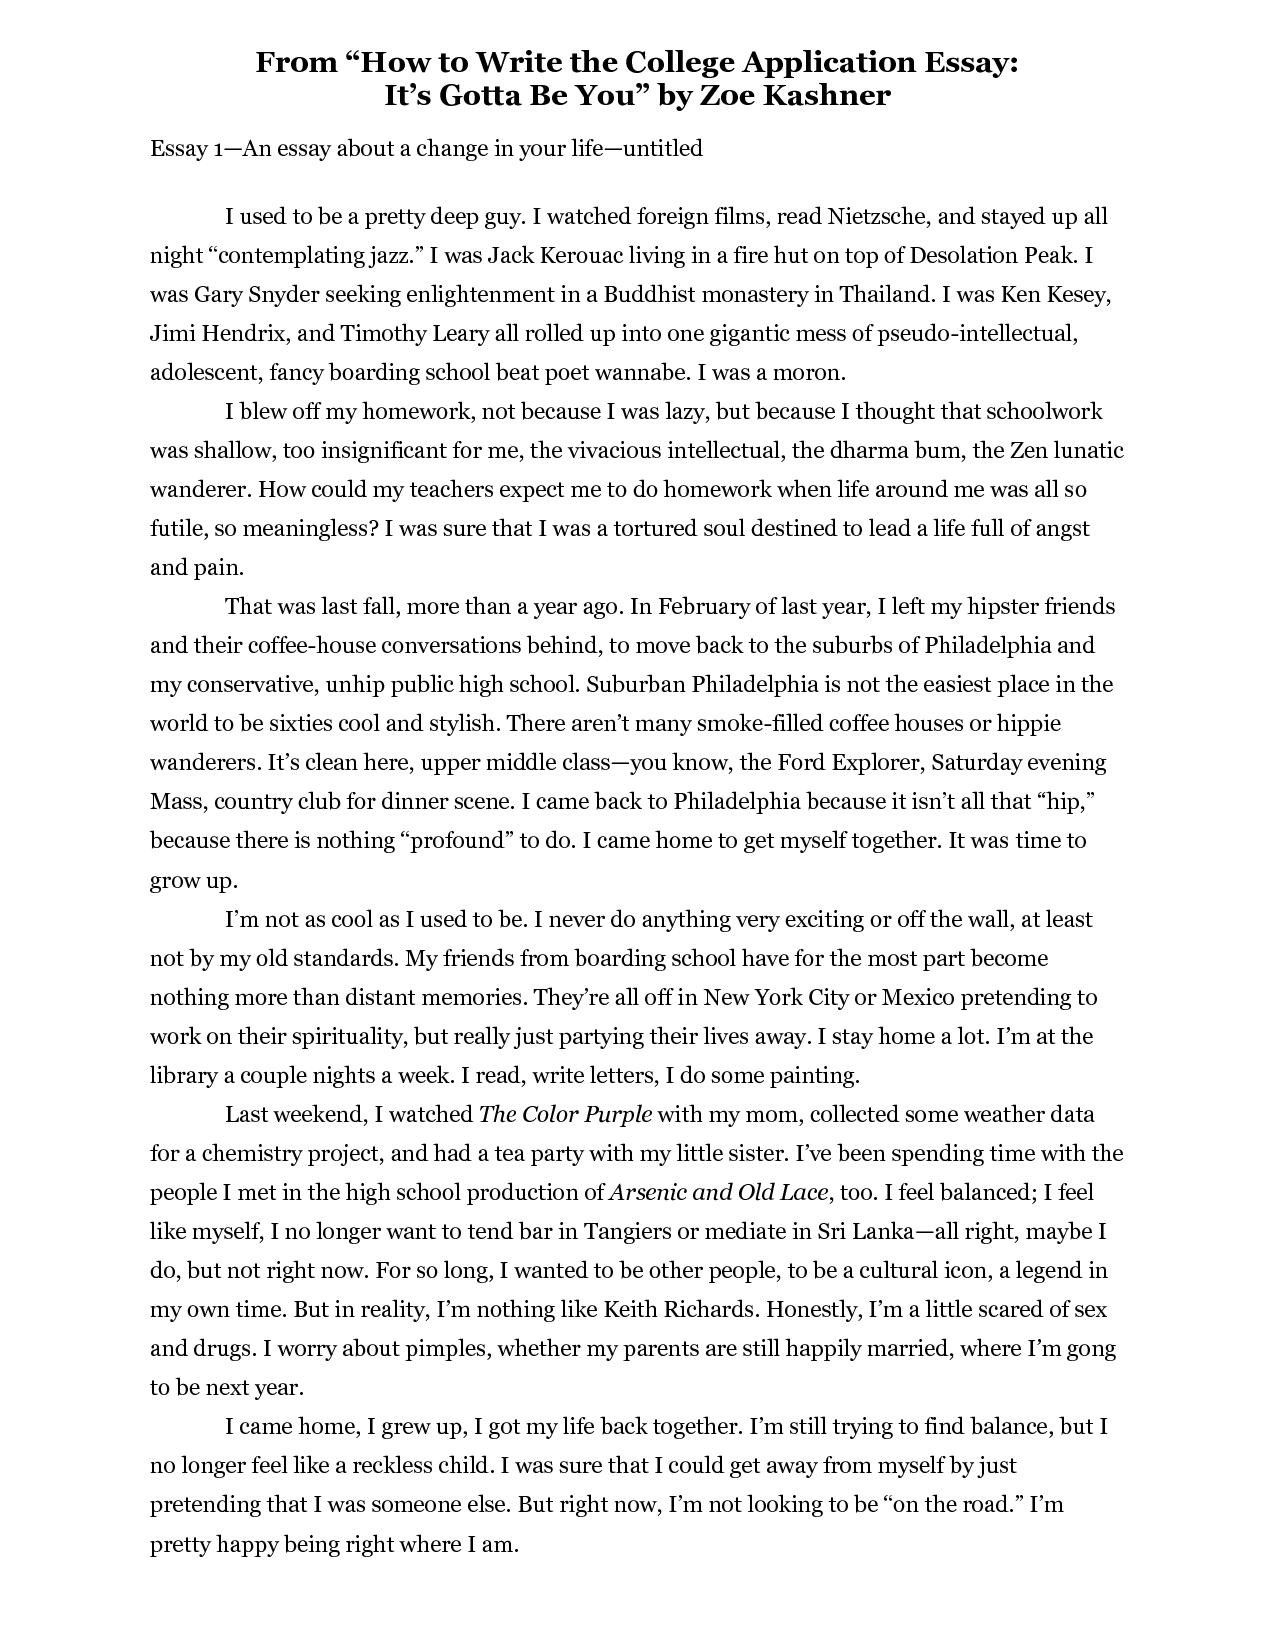 007 Essay Example Oyt5kbffja Leadership Striking Essays Mba Samples Pdf Full